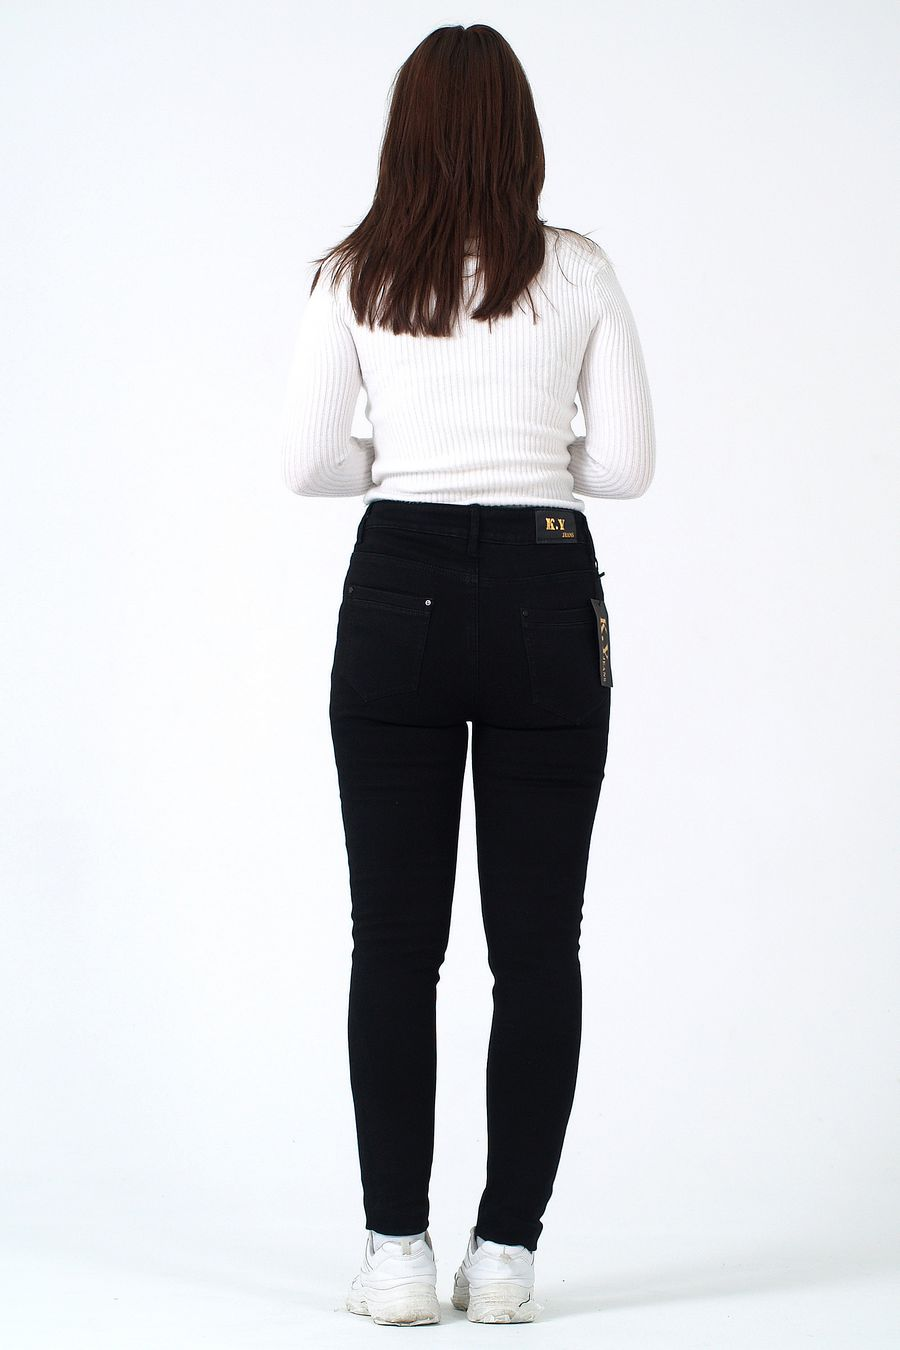 Джинсы женские K.Y Jeans F2237 утепленные - фото 2